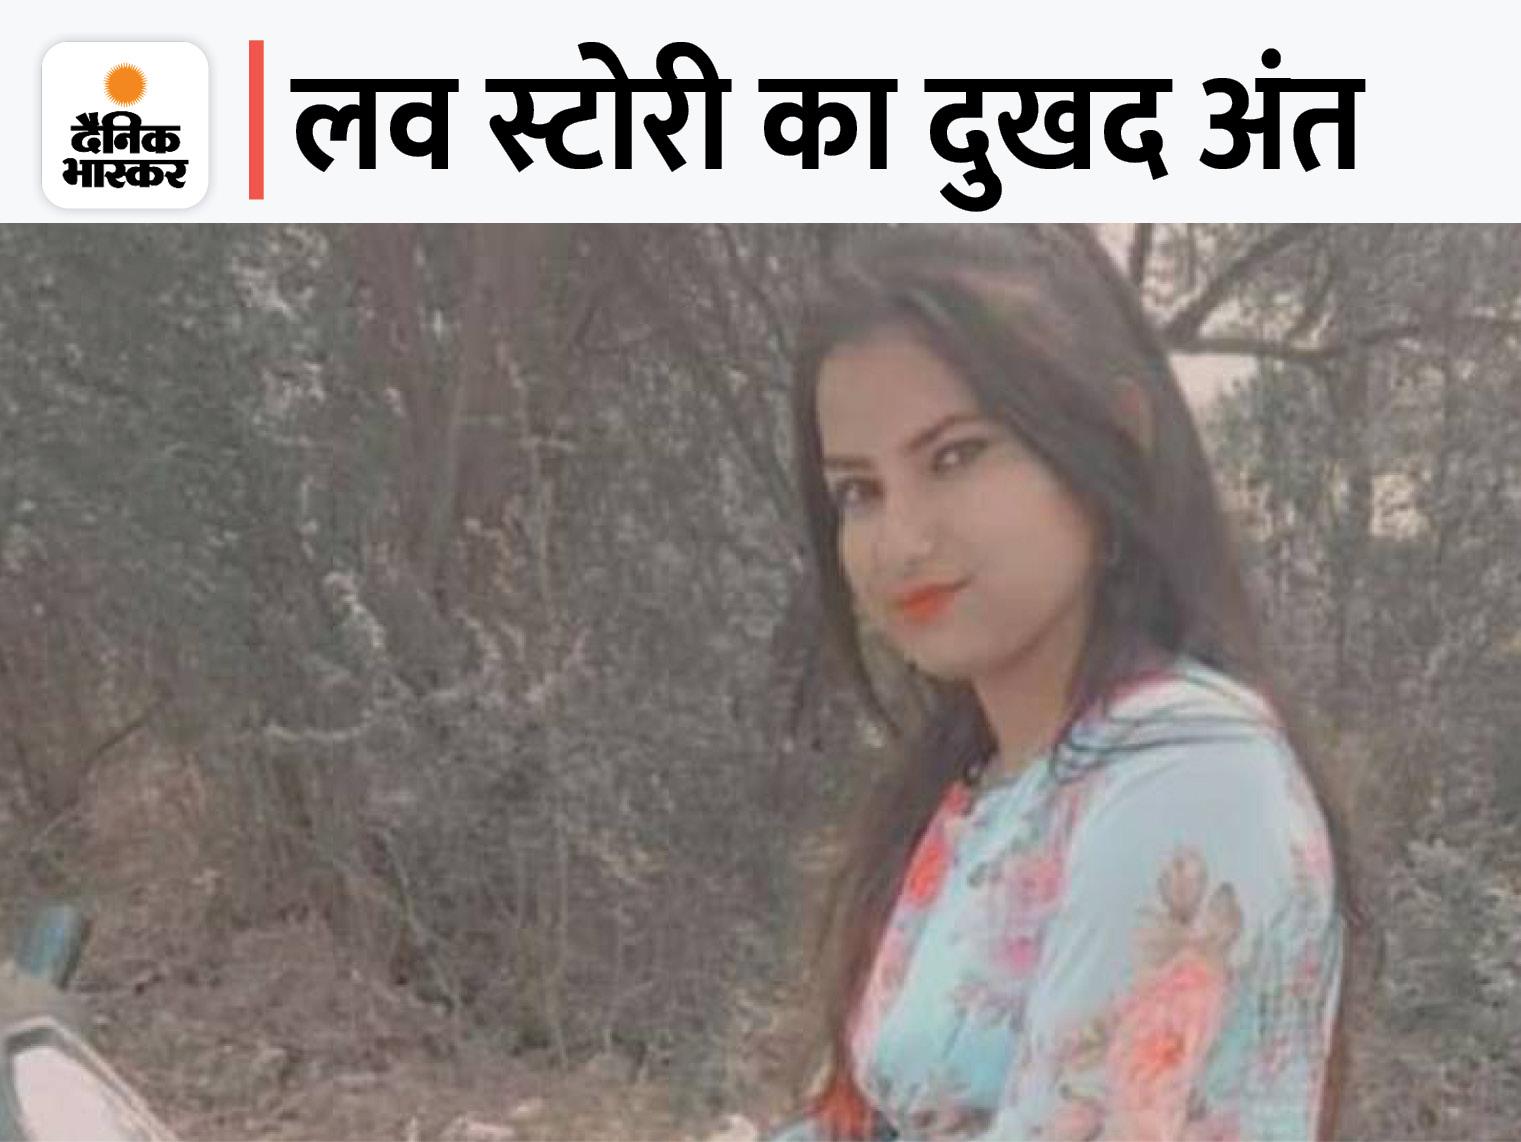 थर्ड डिग्री टॉर्चर से टूटे ख्वाब, शादी के 20 दिन बाद ही दुल्हन फंदे पर झूली; पति पर केस|ग्वालियर,Gwalior - Dainik Bhaskar